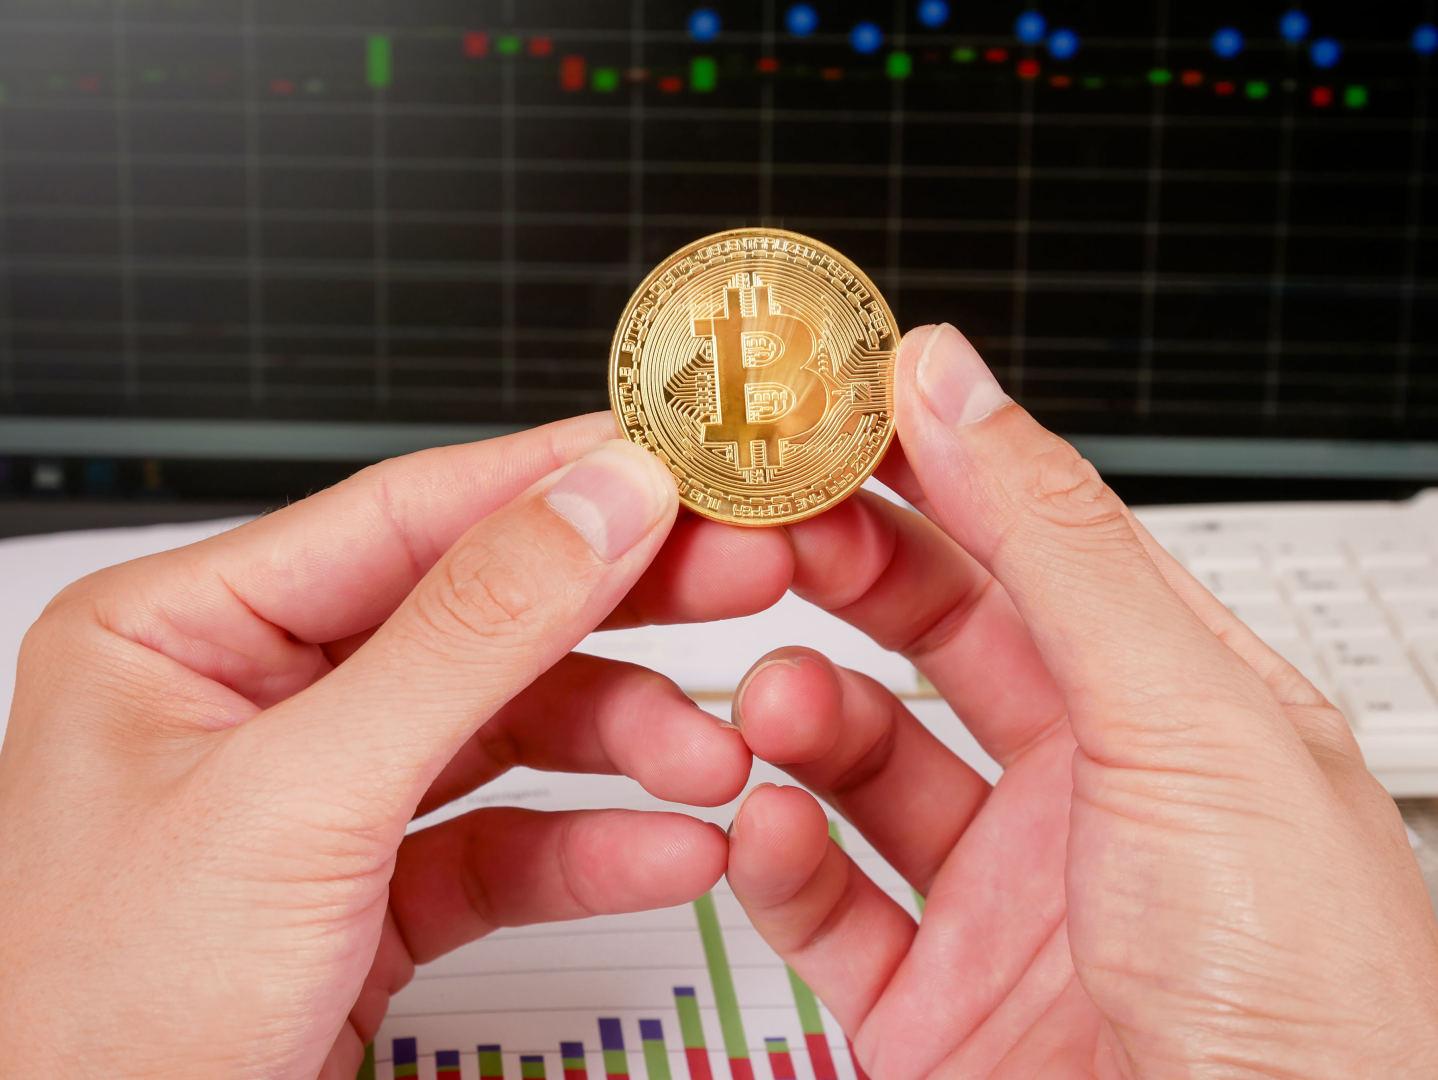 Kaip surinkti bitcoinus iš čiaupų, Geriausias Bitcoin Botas, Uždirbti pinigus peržiūrint svetaines